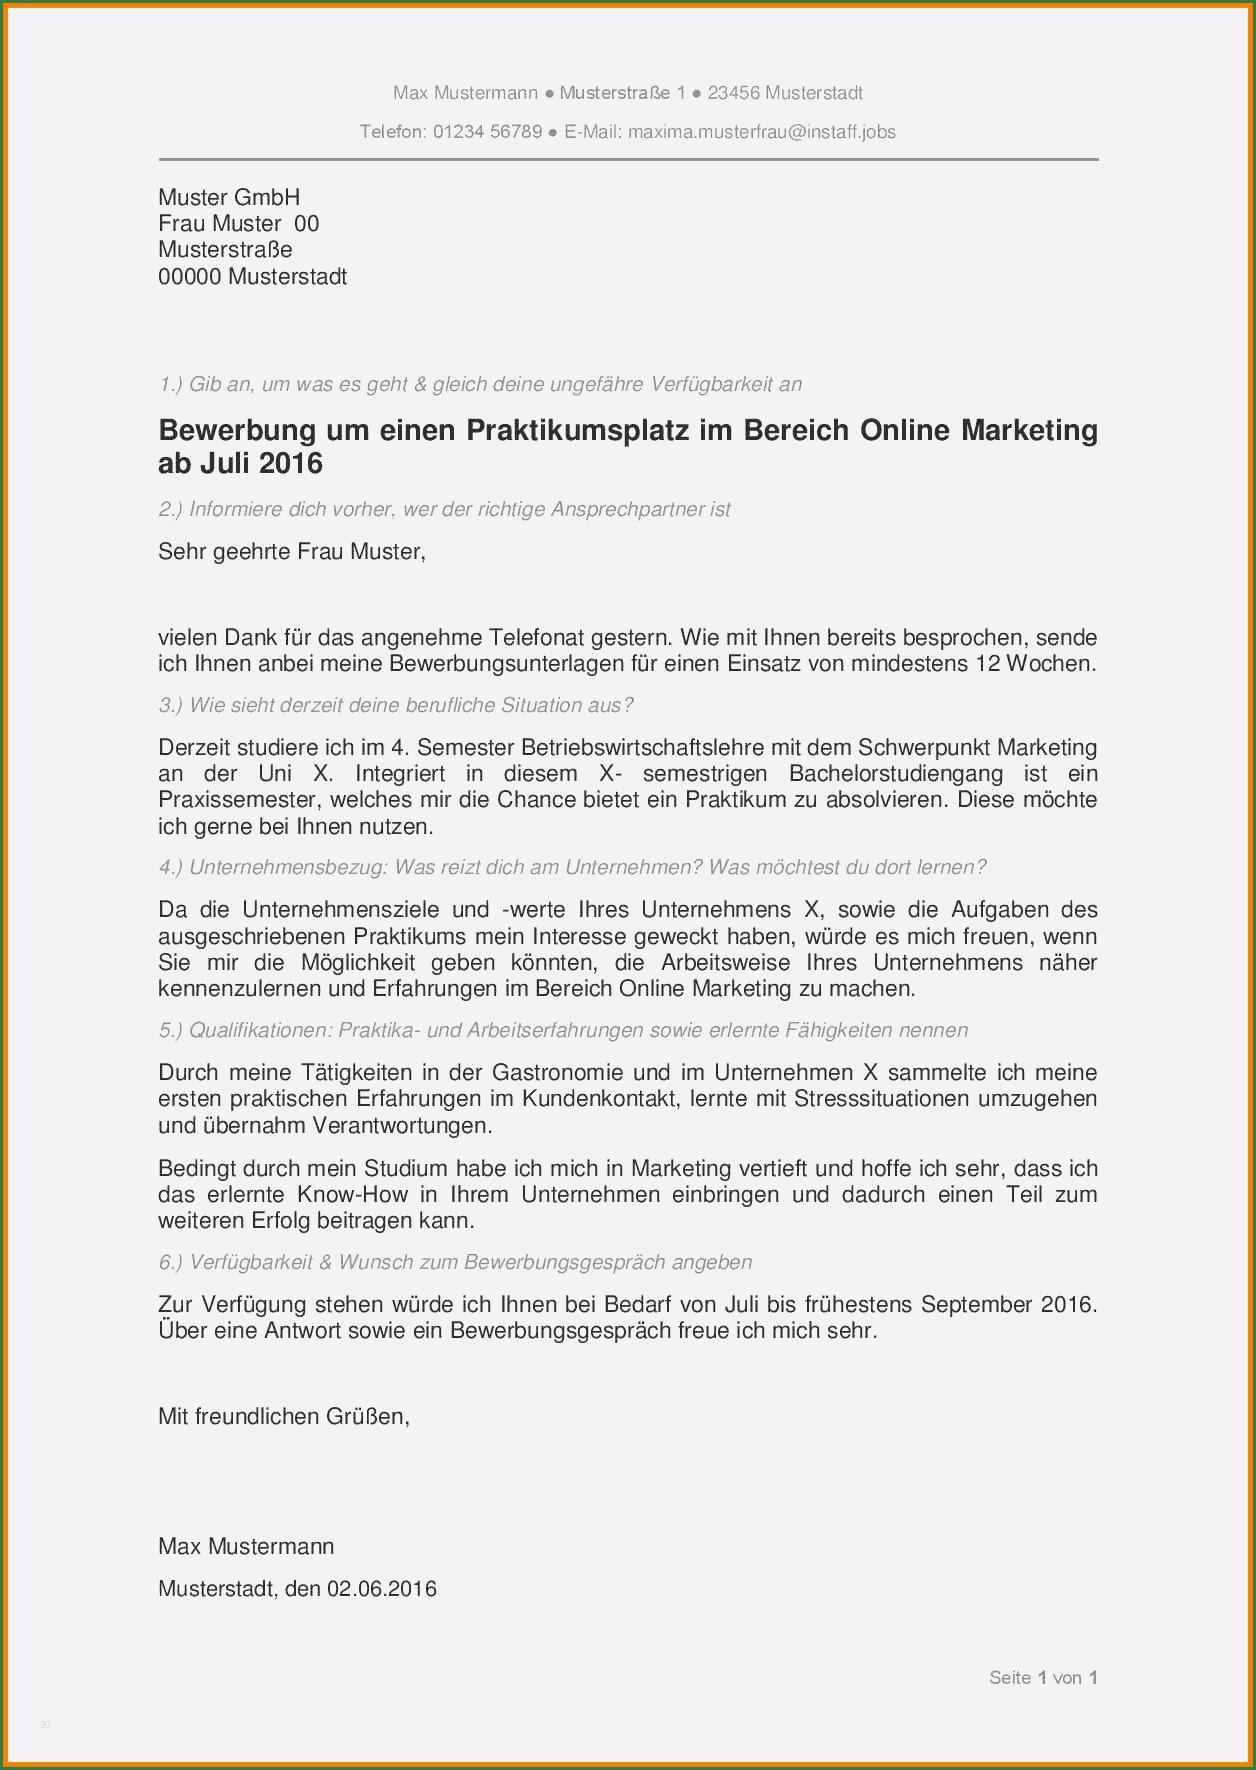 Magnificent Praktikumsbericht Krankenhaus Vorlage Die Sie Begeistern In 2020 Praktikumsbericht Lebenslauf Einladung Schreiben